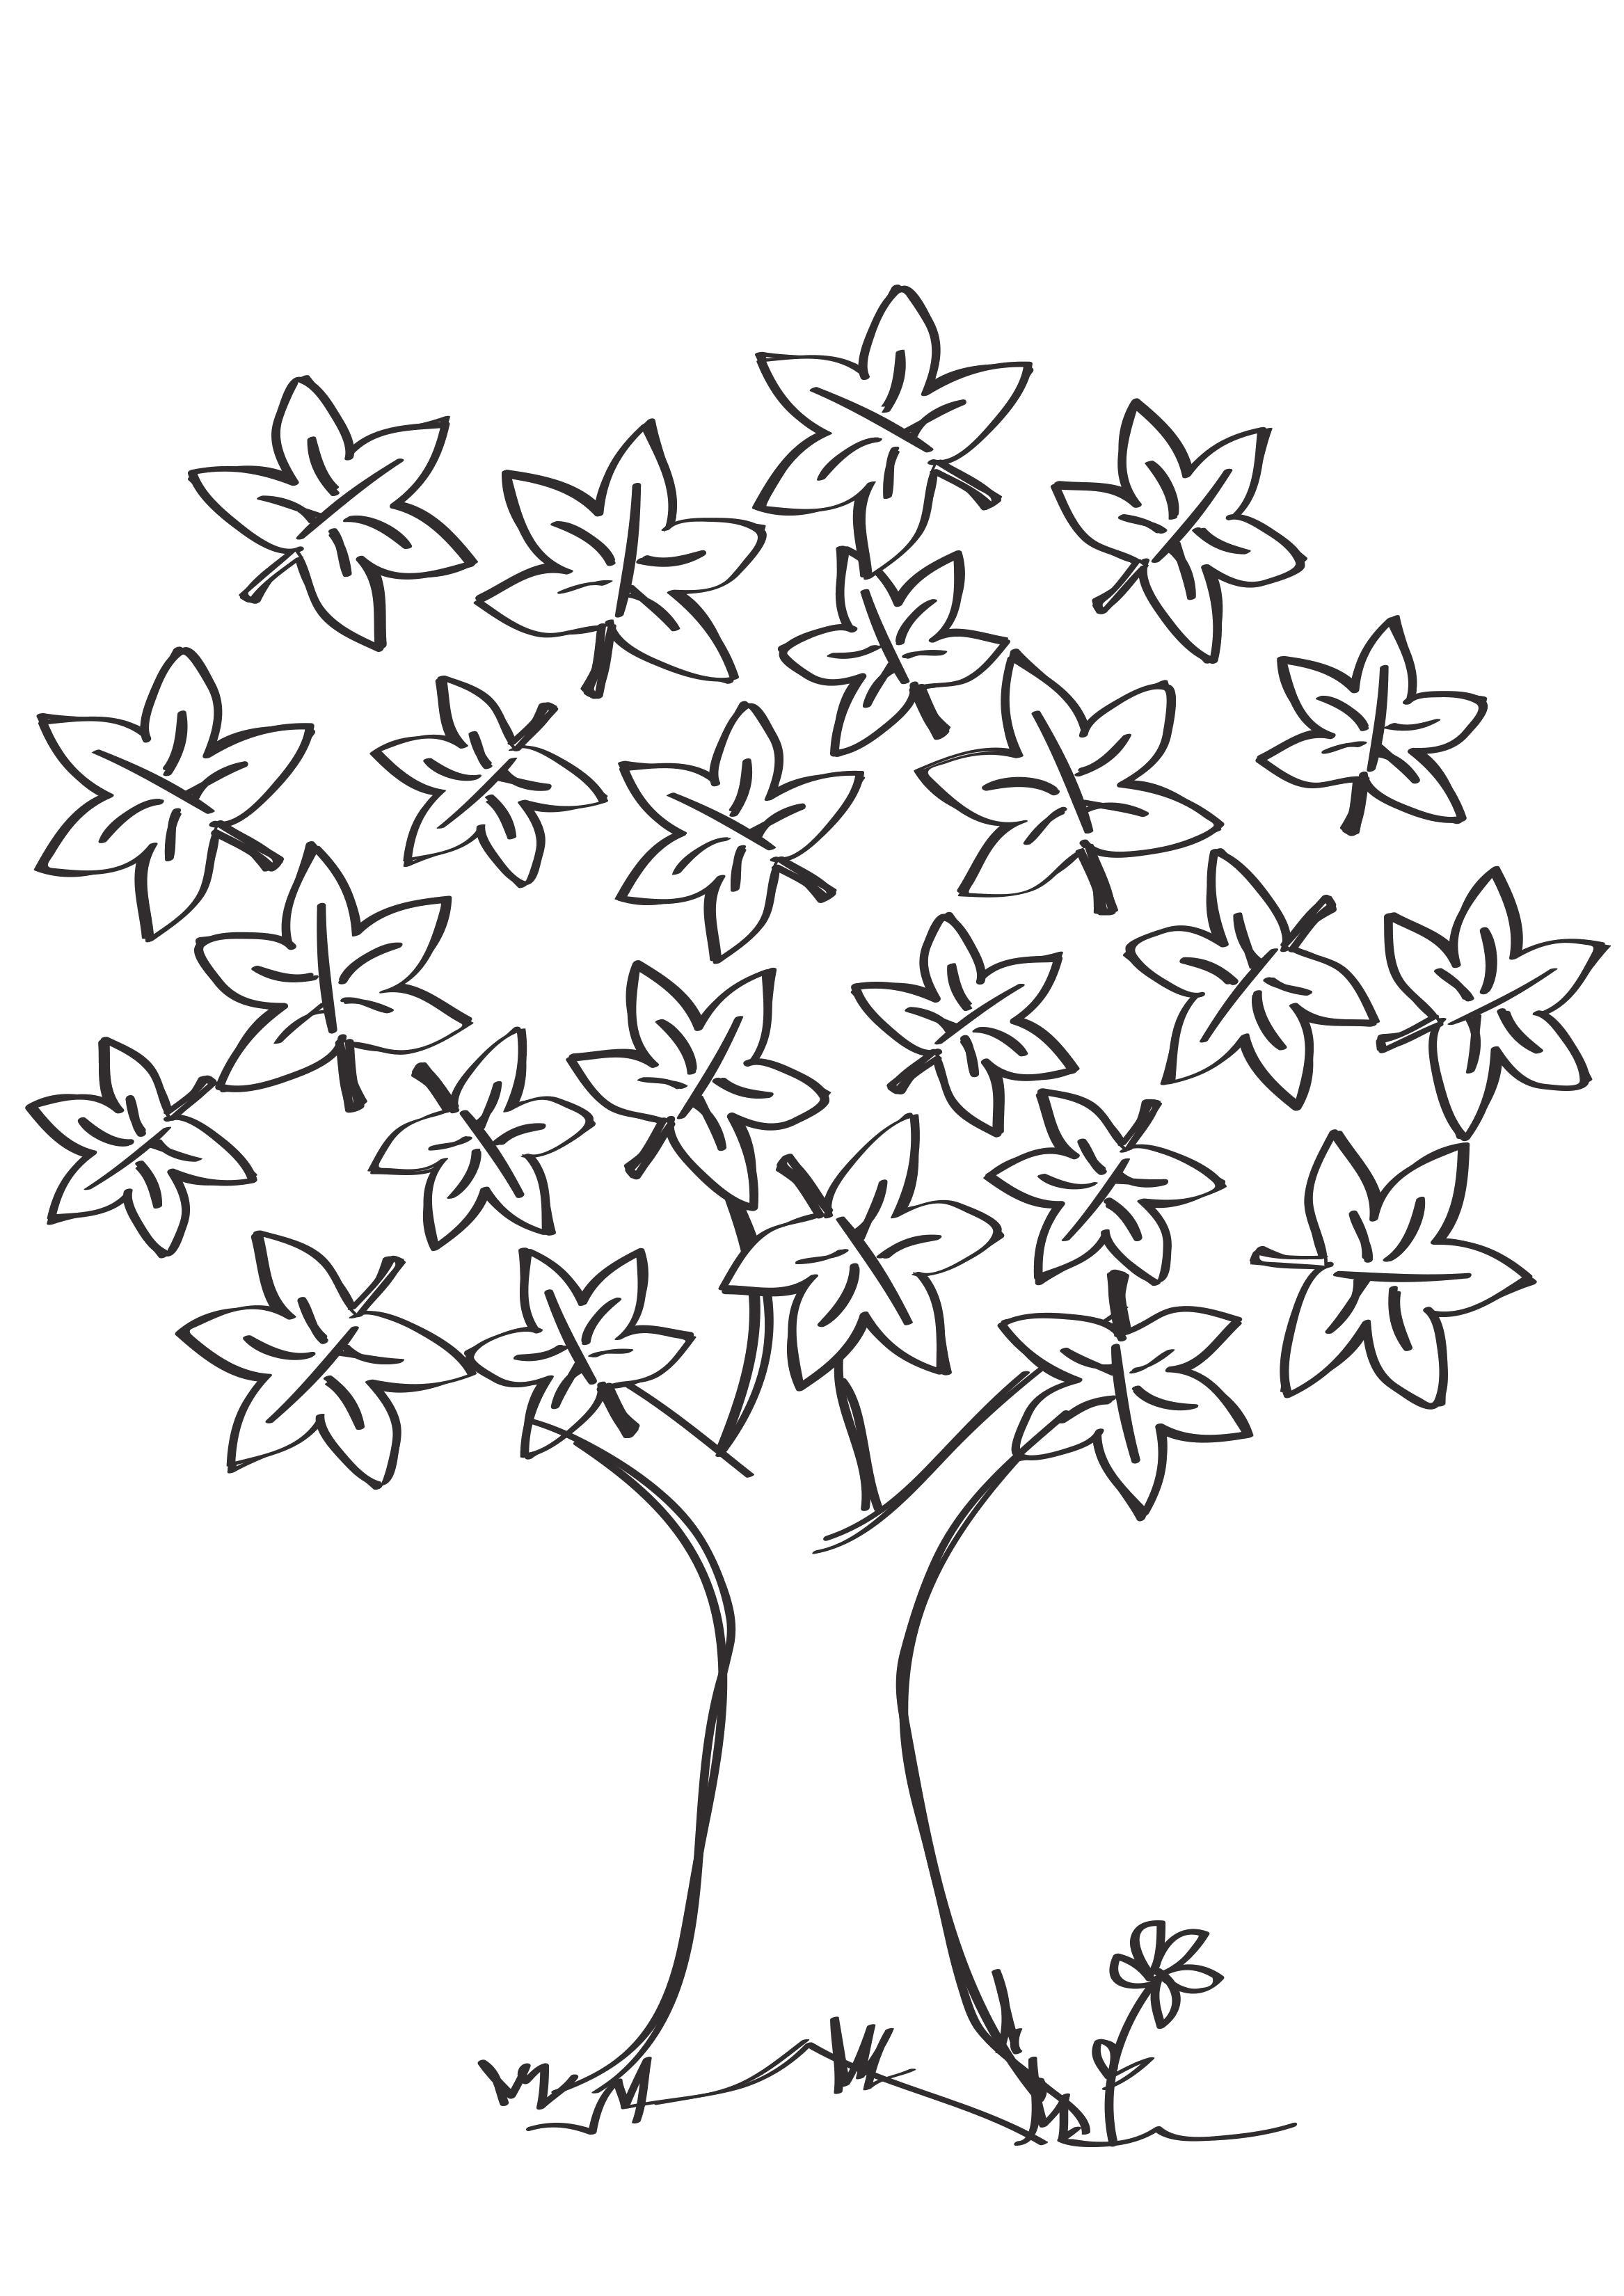 Раскраска  Клен. Скачать деревья.  Распечатать деревья